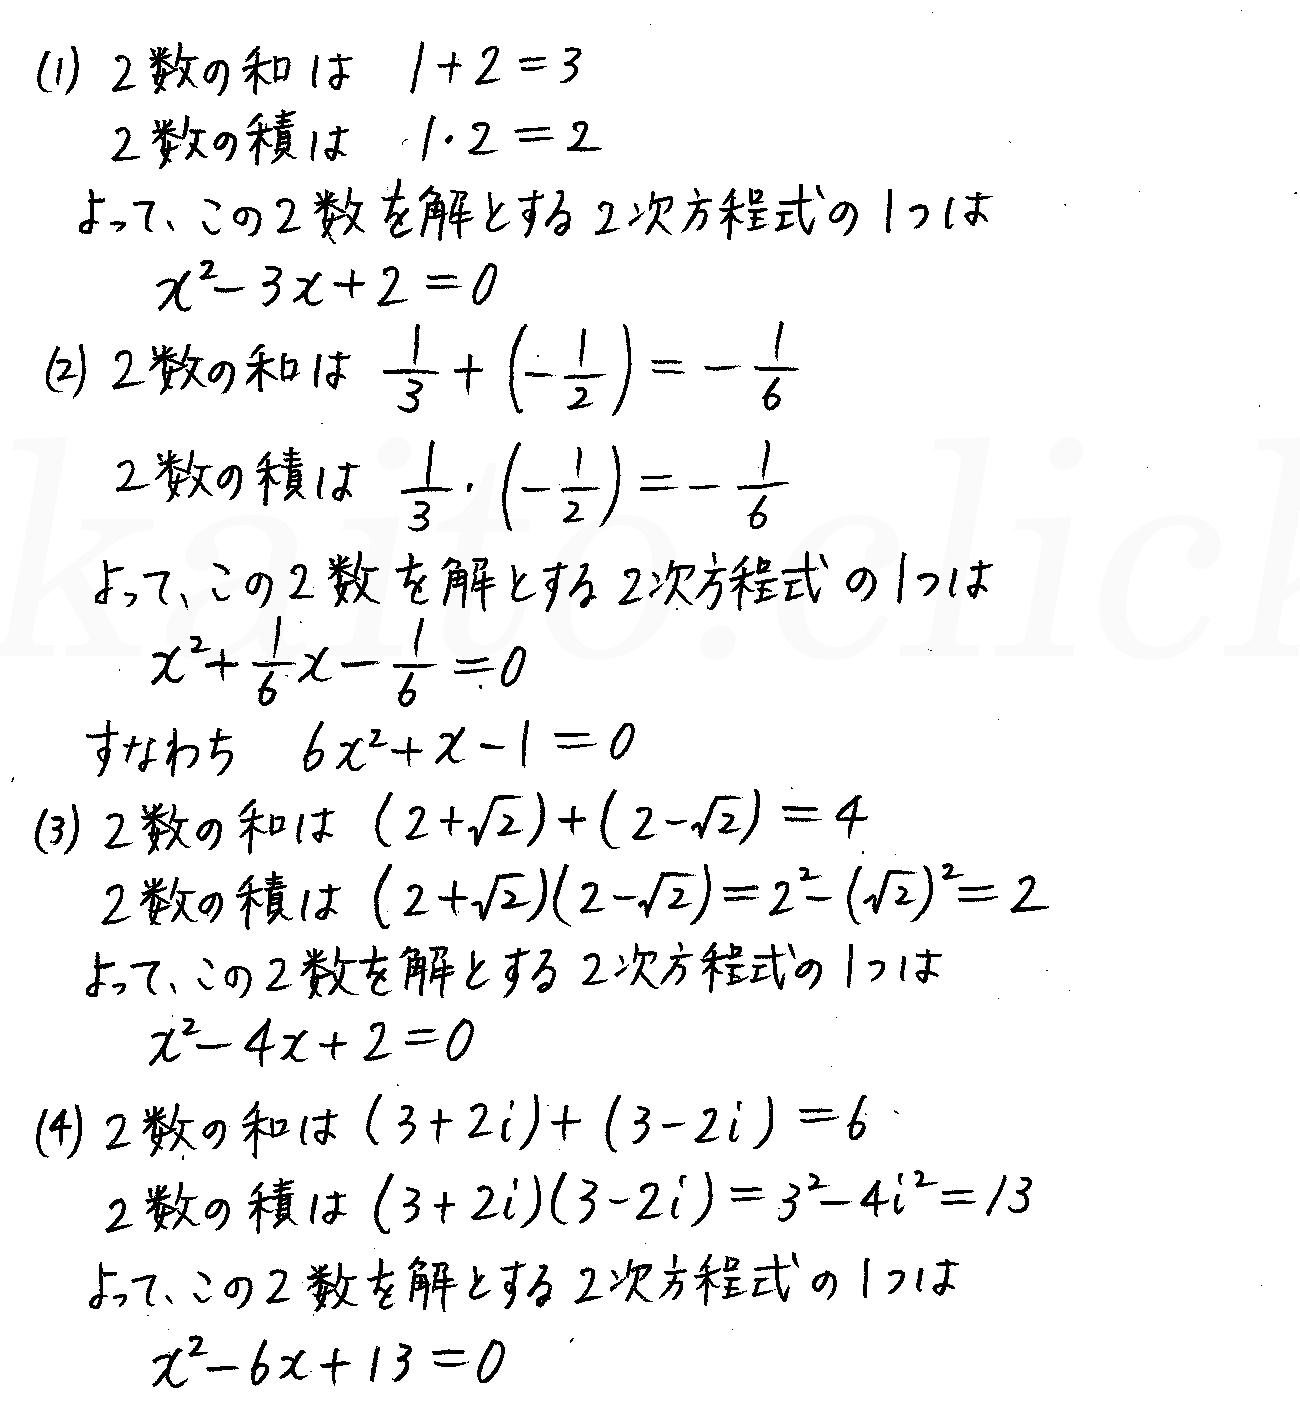 改訂版4プロセス数学2-91解答